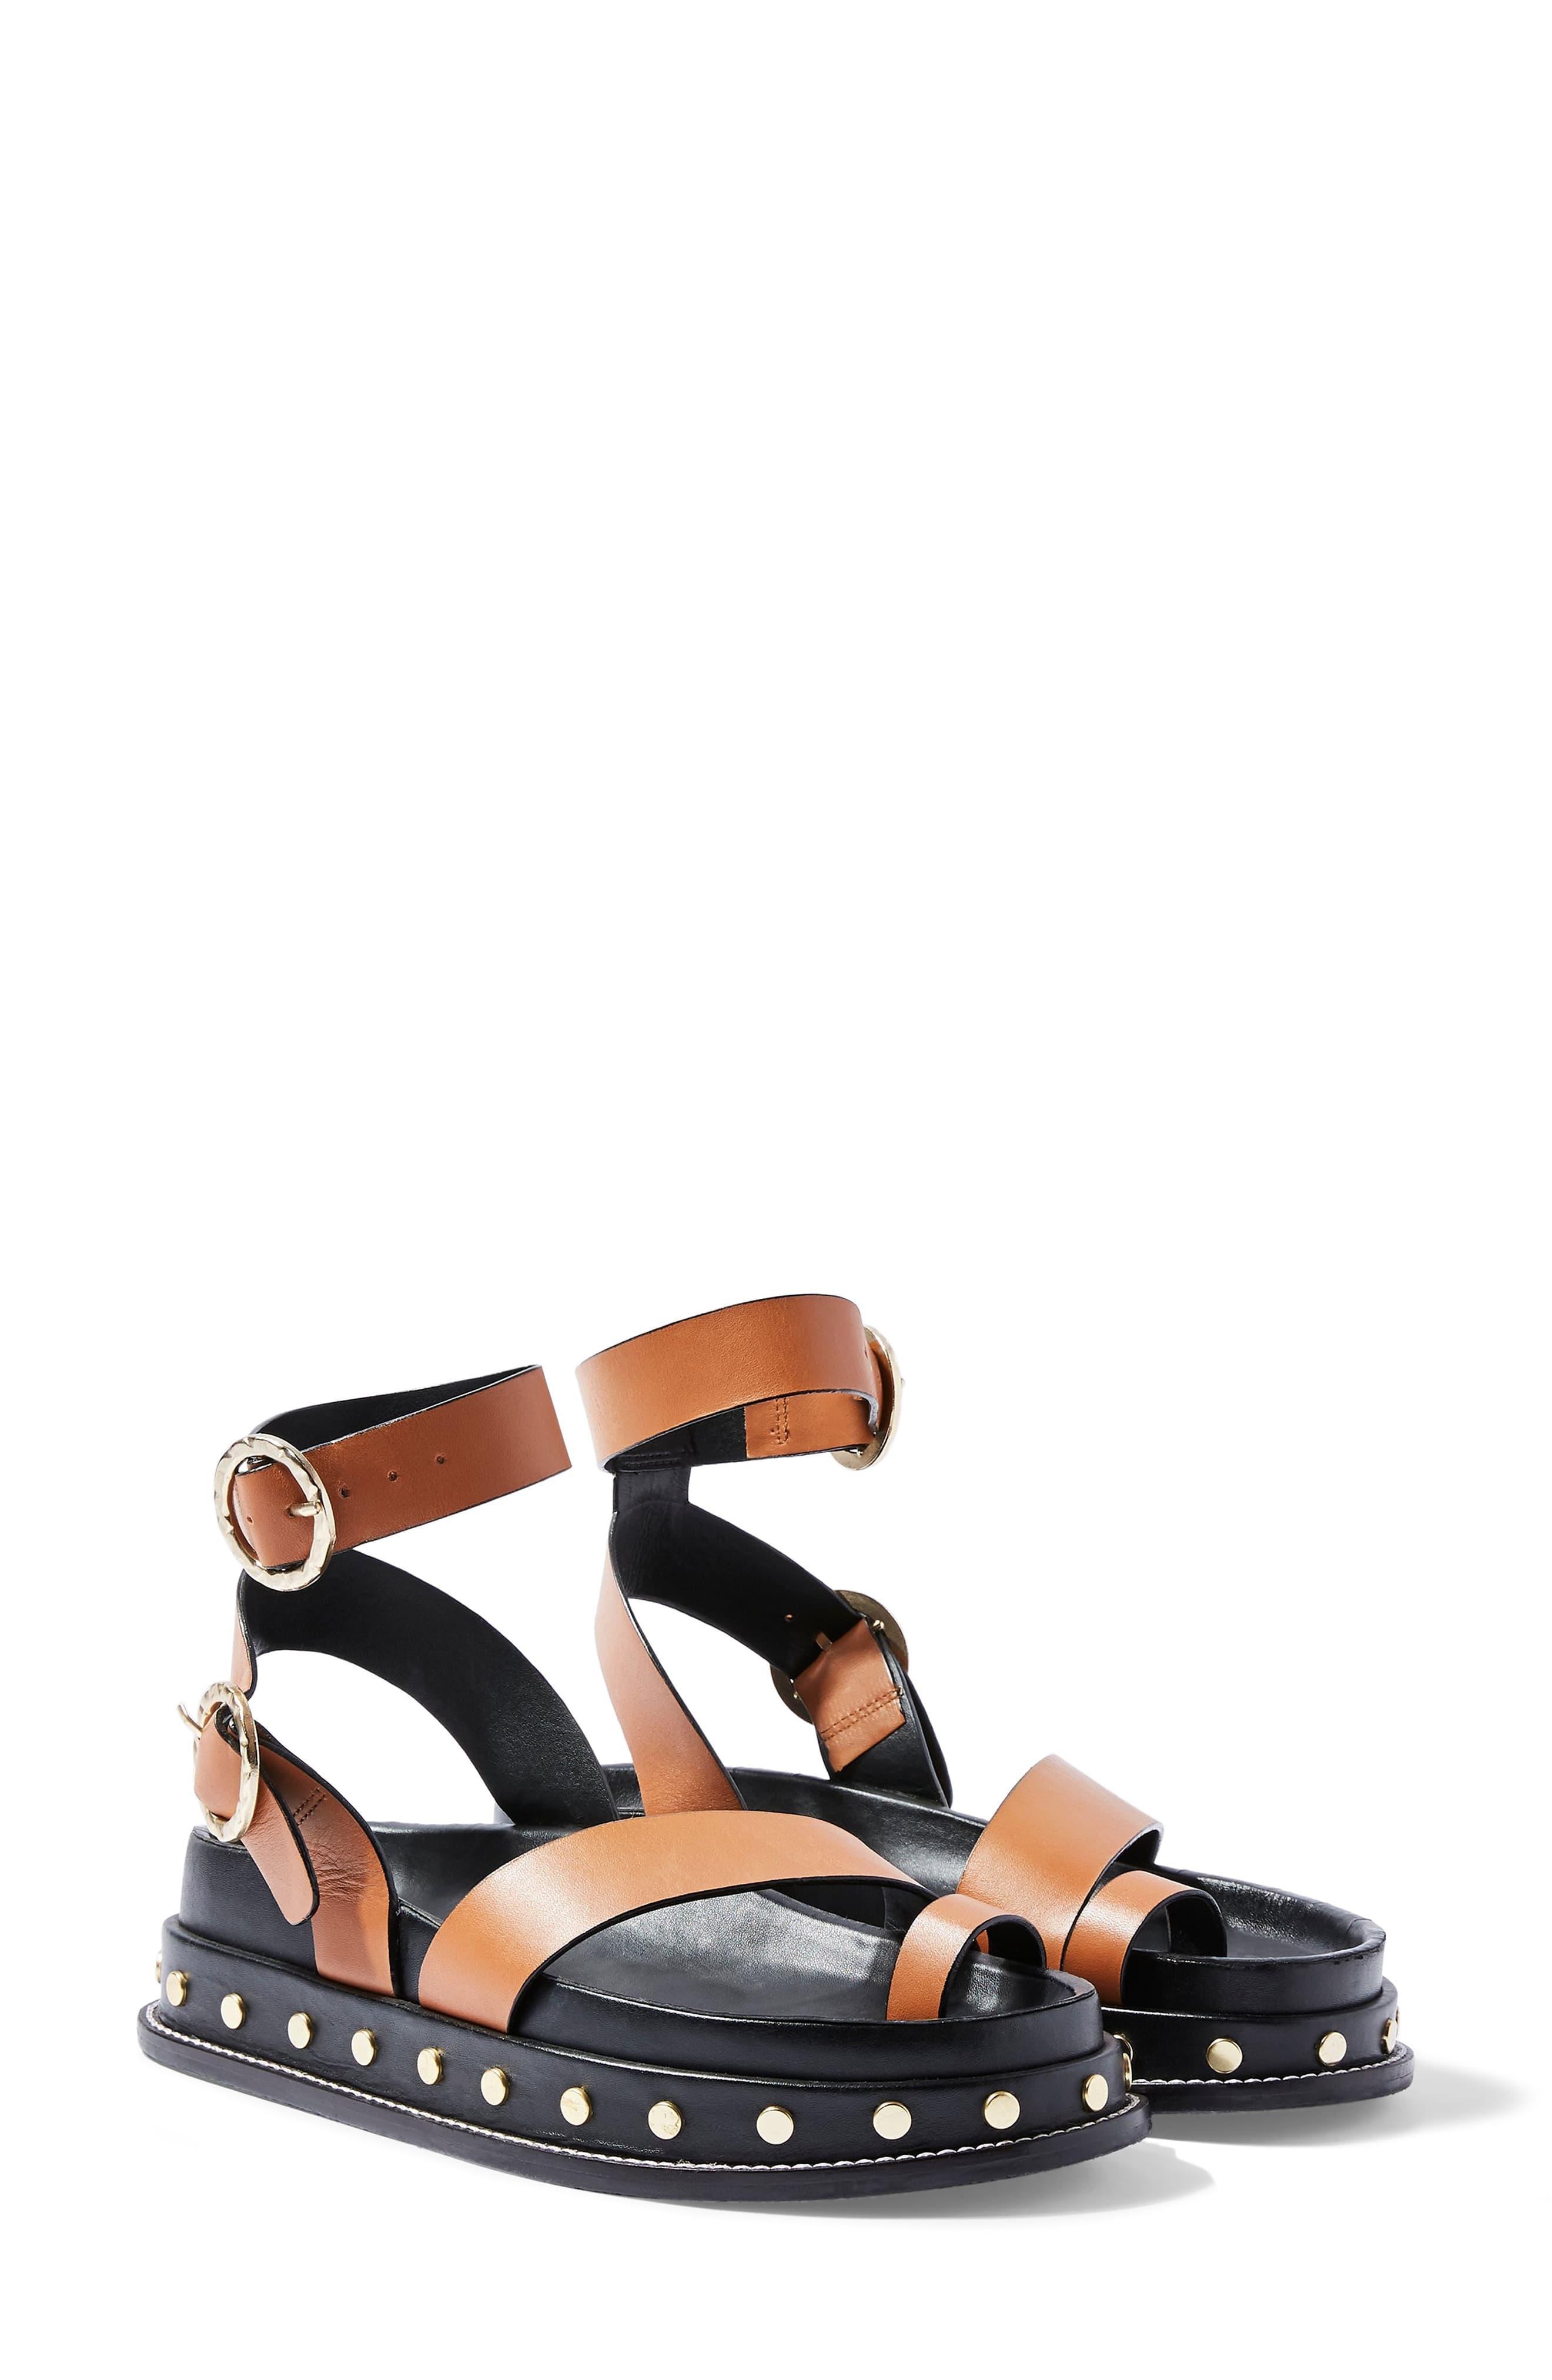 latest design online for sale discount Fawn Studded Platform Sandal